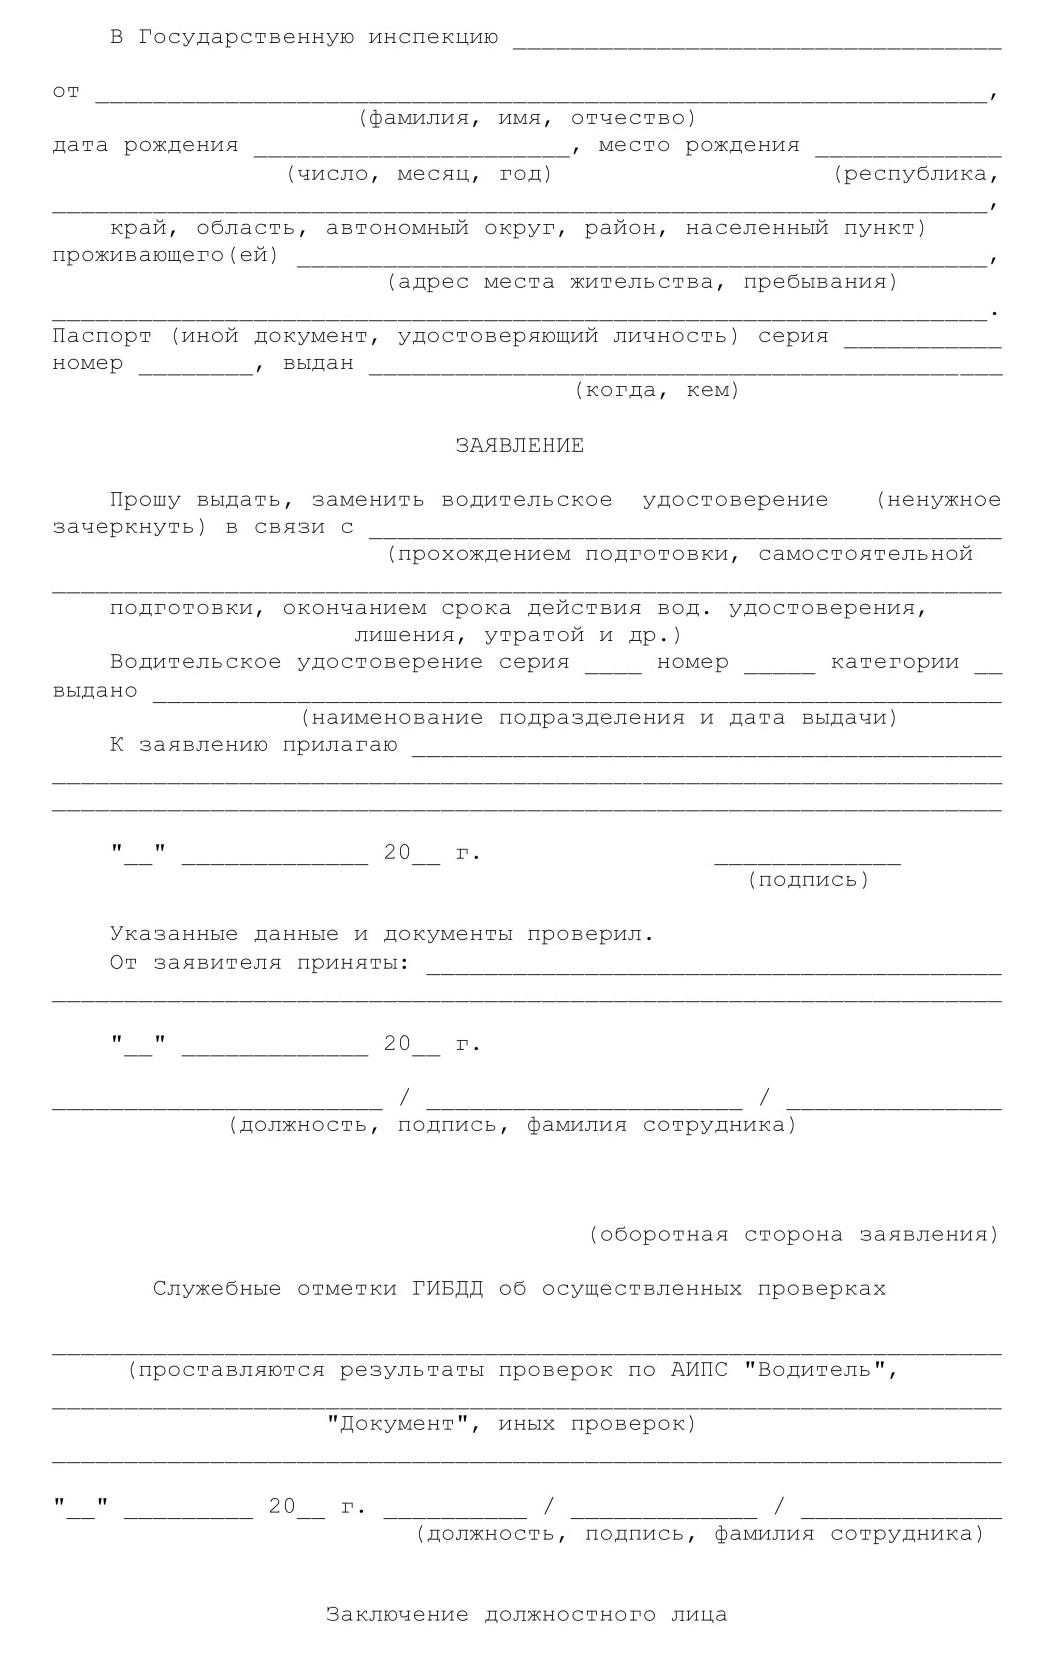 Список документов для возврата прав после лишения 2019